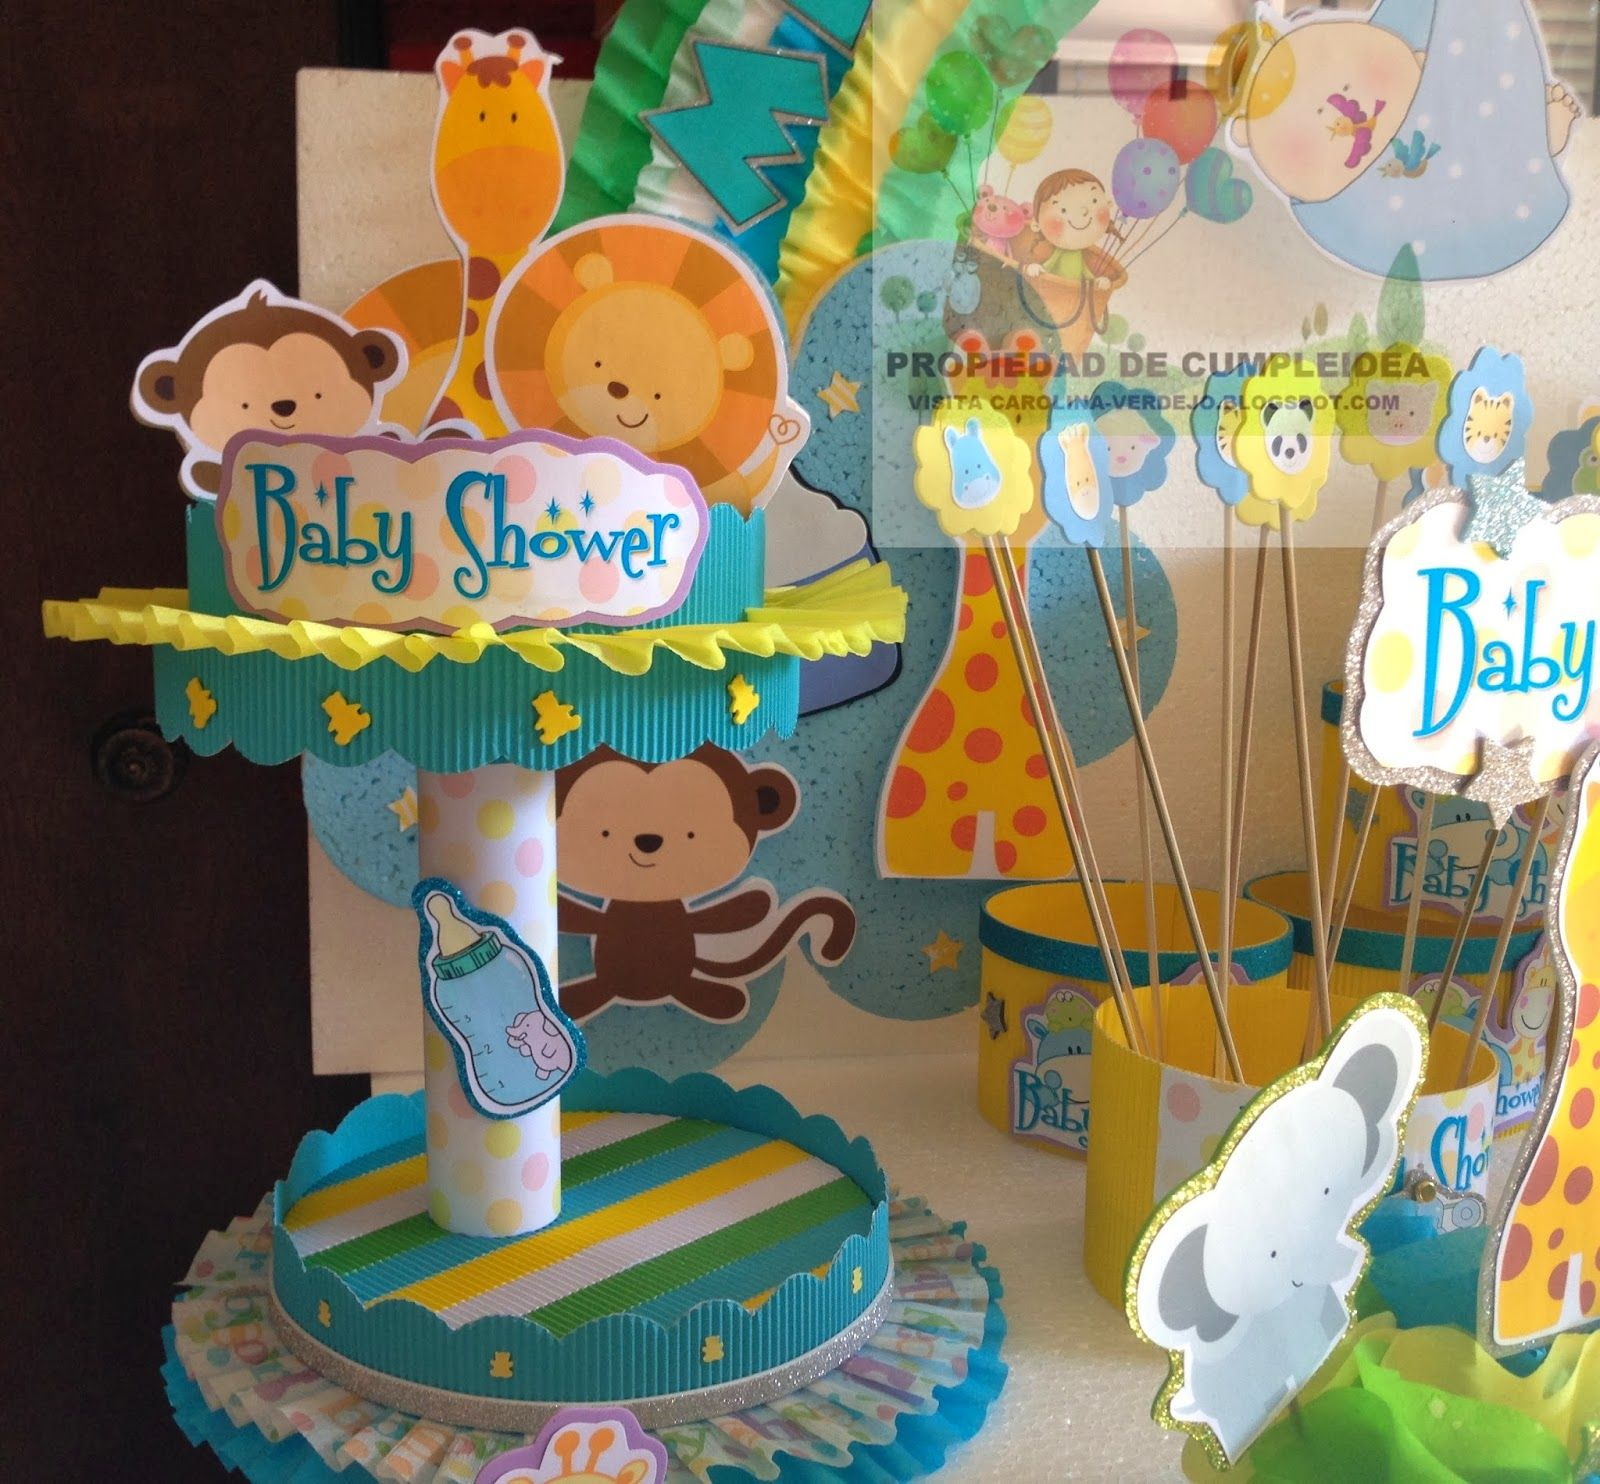 Decoracion De Baby Shower De Animales.Decoracion Baby Shower Nino Animales De La Selva